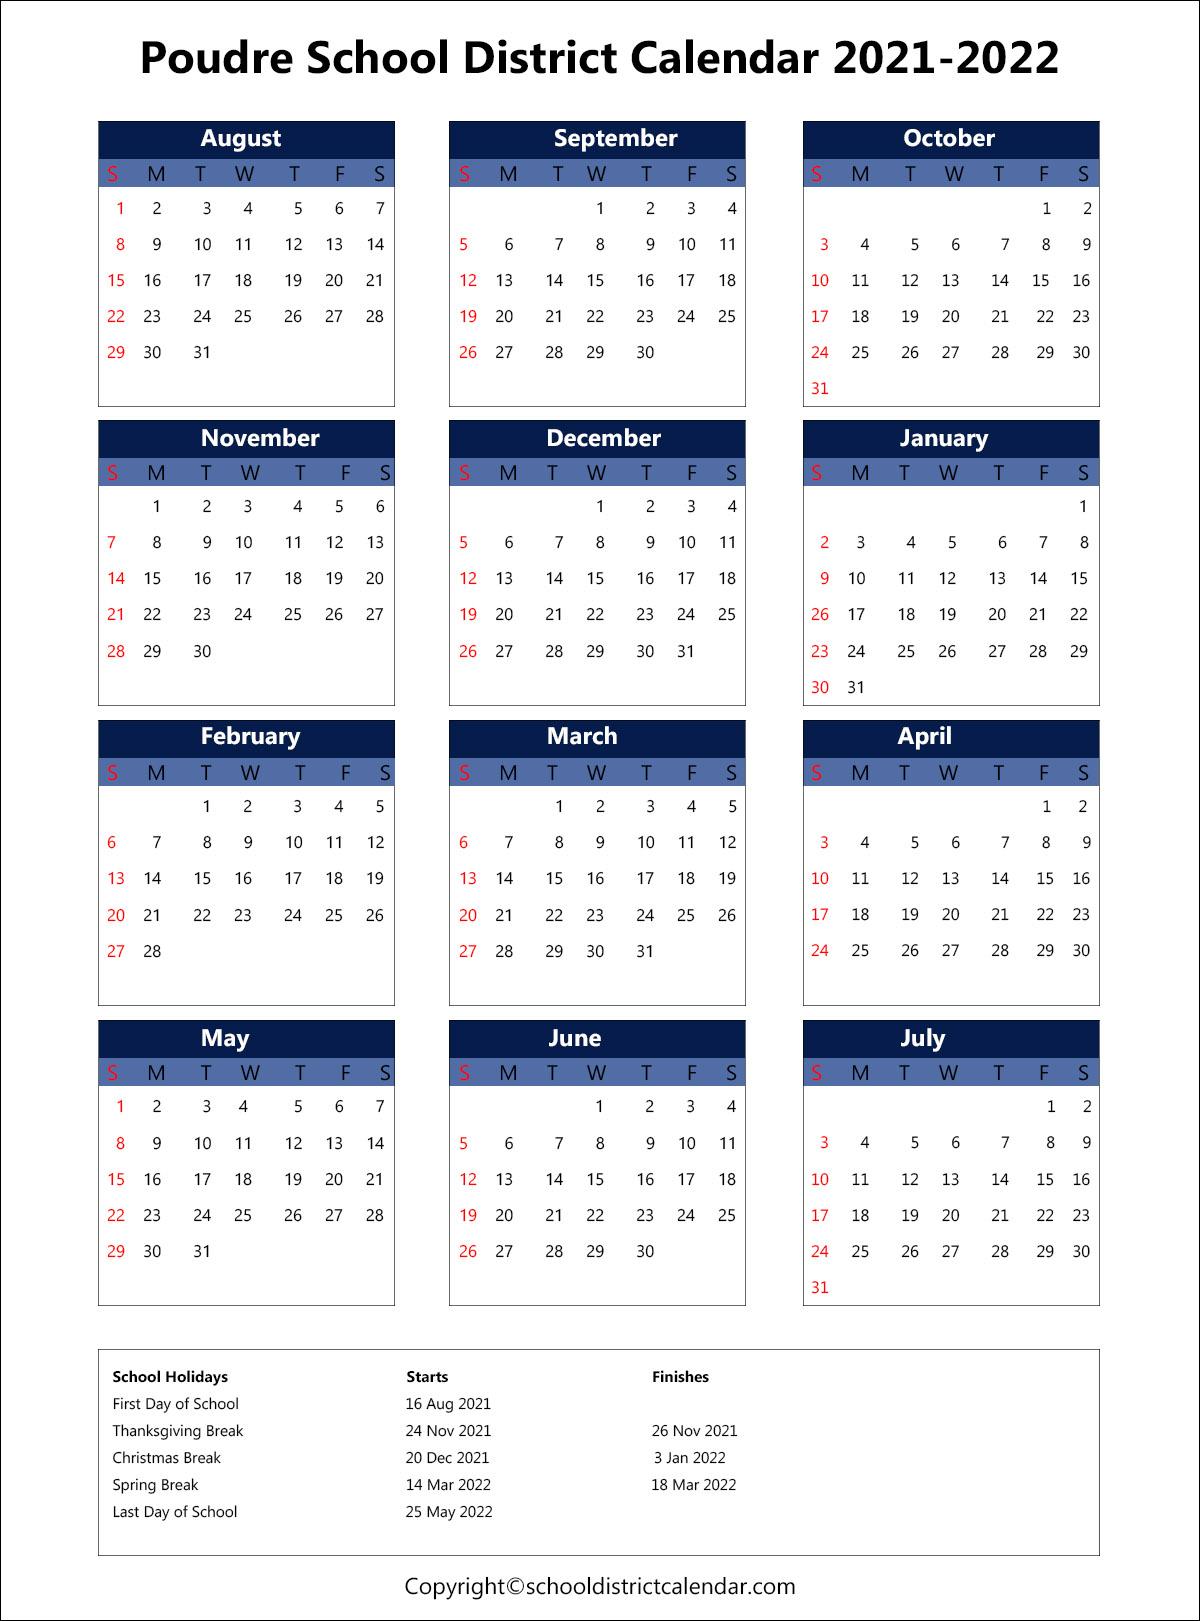 Poudre School District Calendar 2021